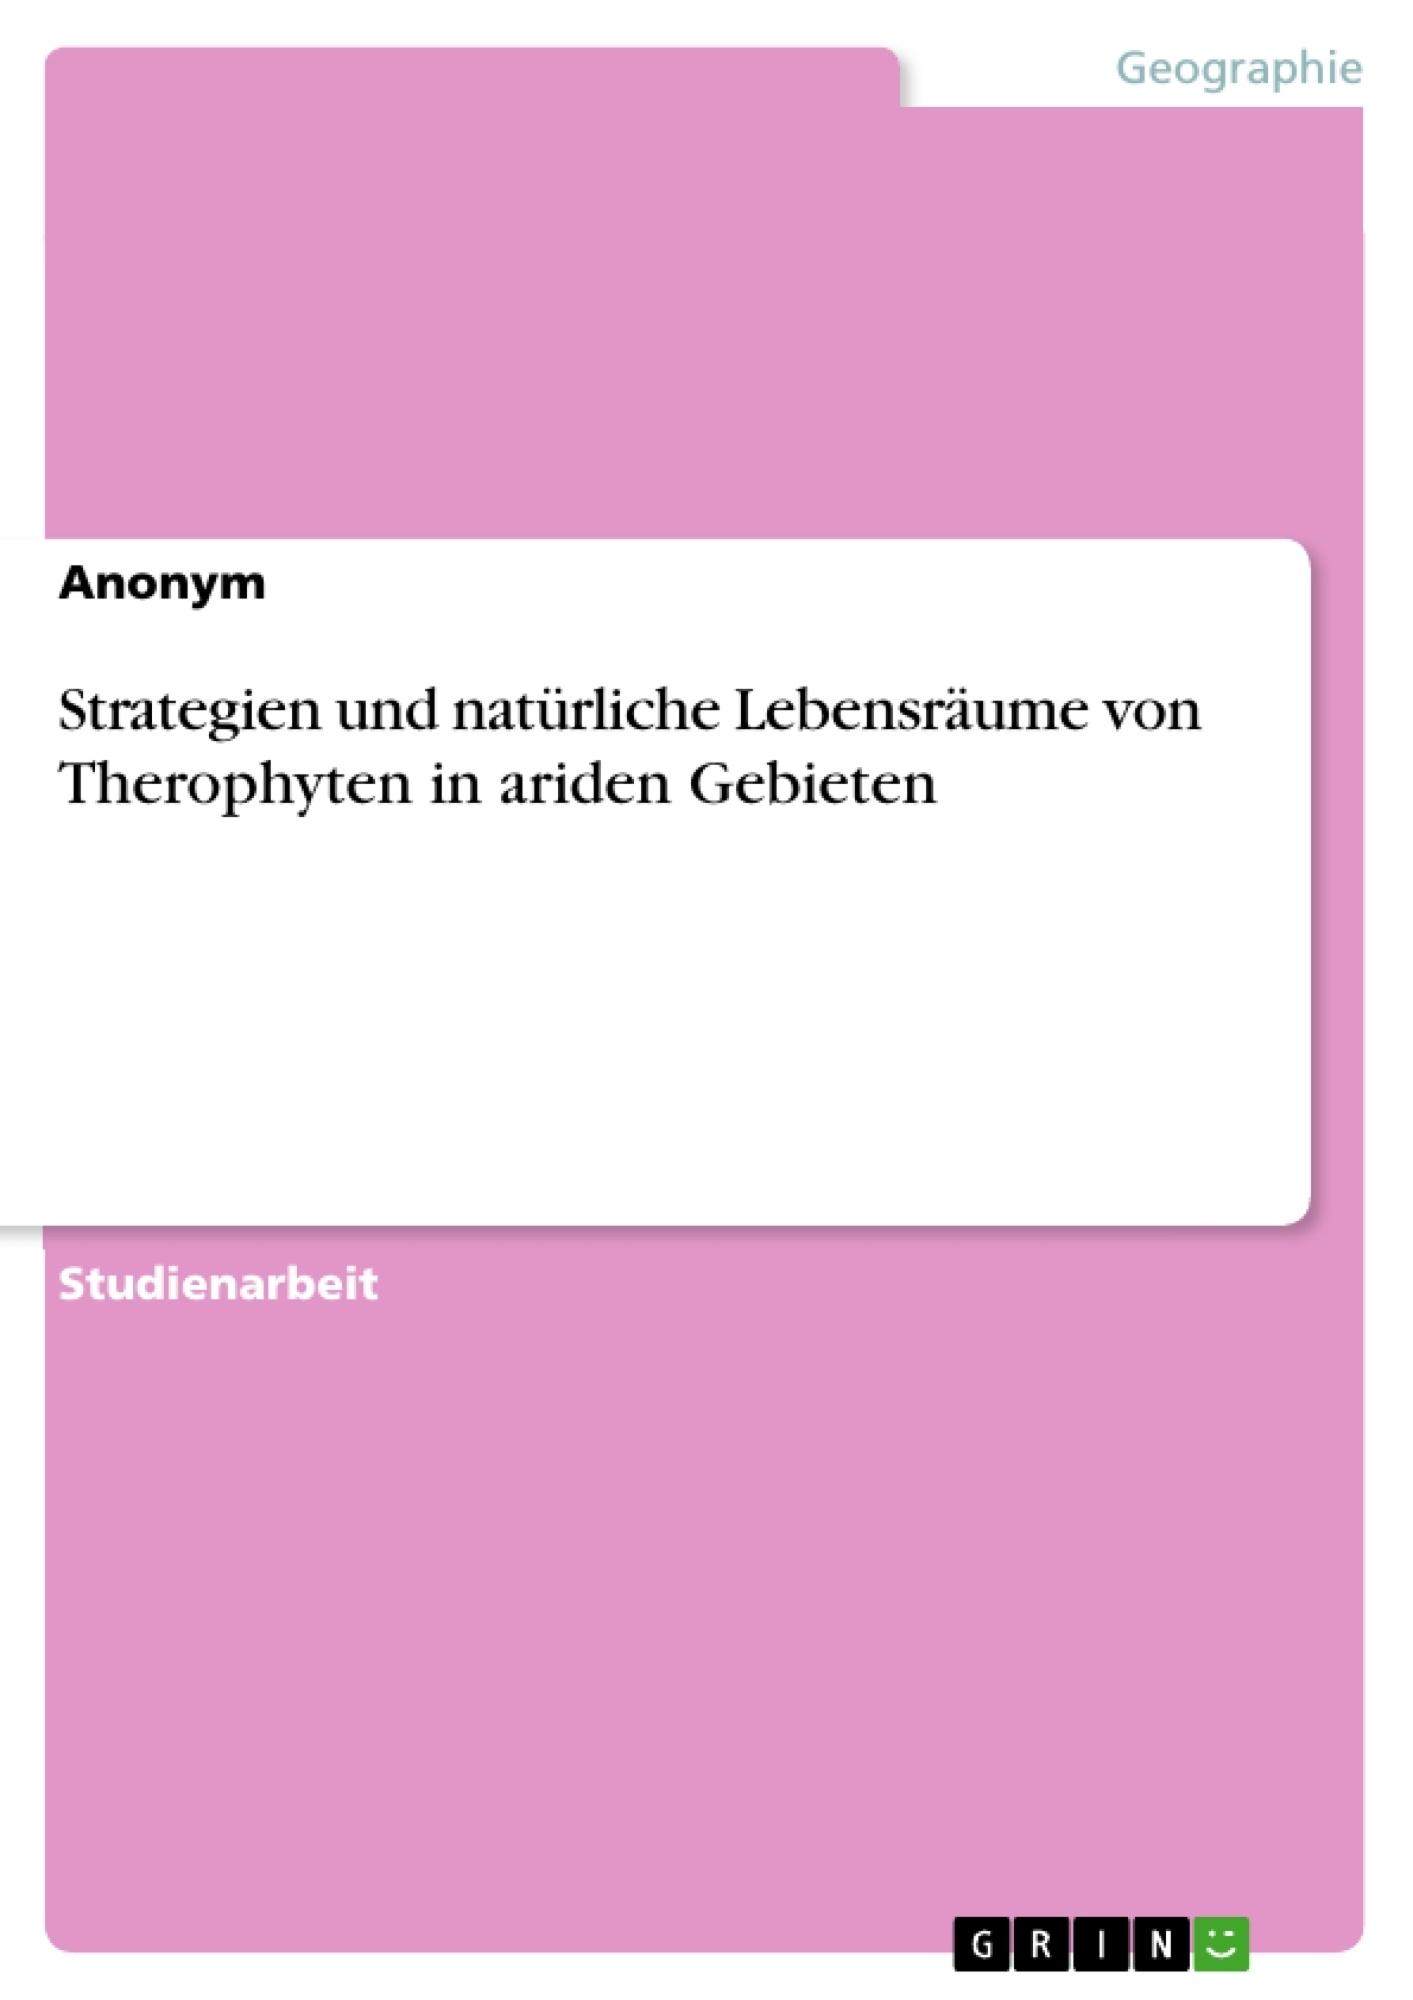 Titel: Strategien und natürliche Lebensräume von Therophyten in ariden Gebieten